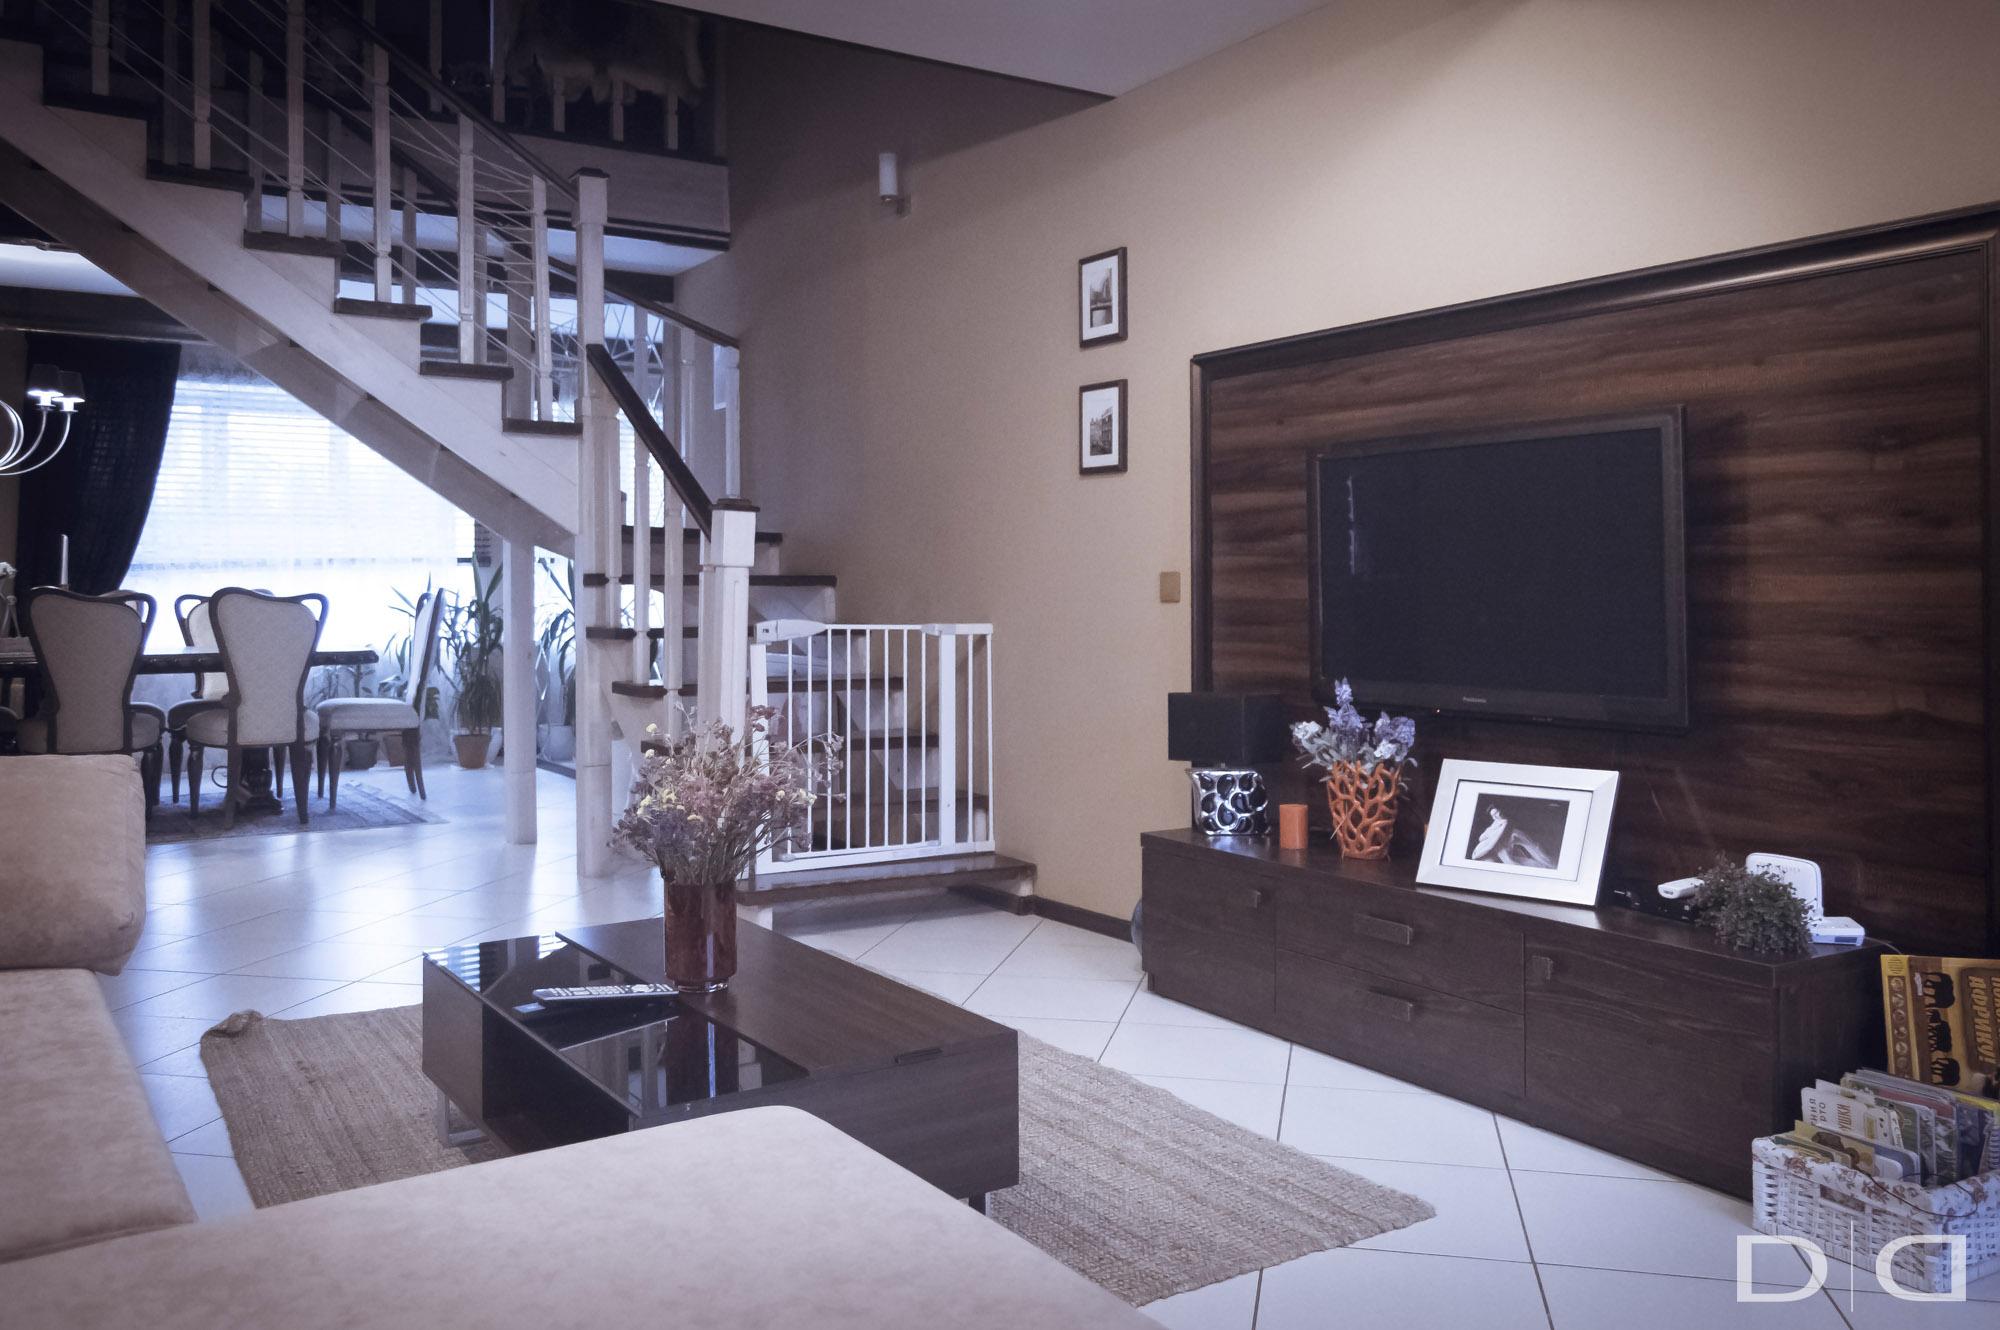 025_dd-interior_studio_design_project_minsk_009-10